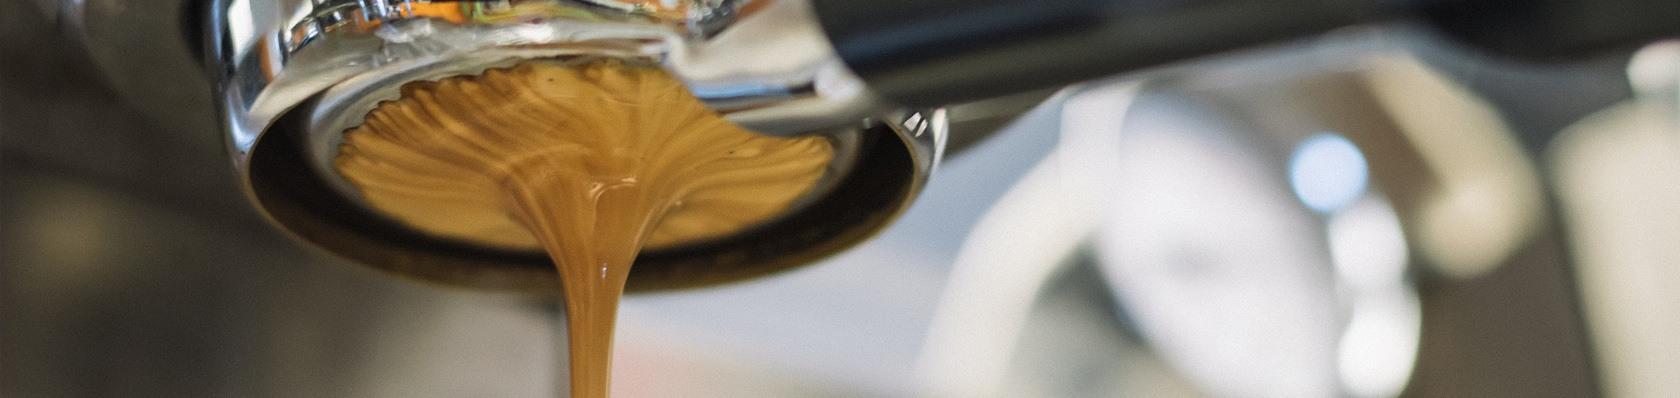 Espressomaschinen mit Siebträger im Test auf ExpertenTesten.de